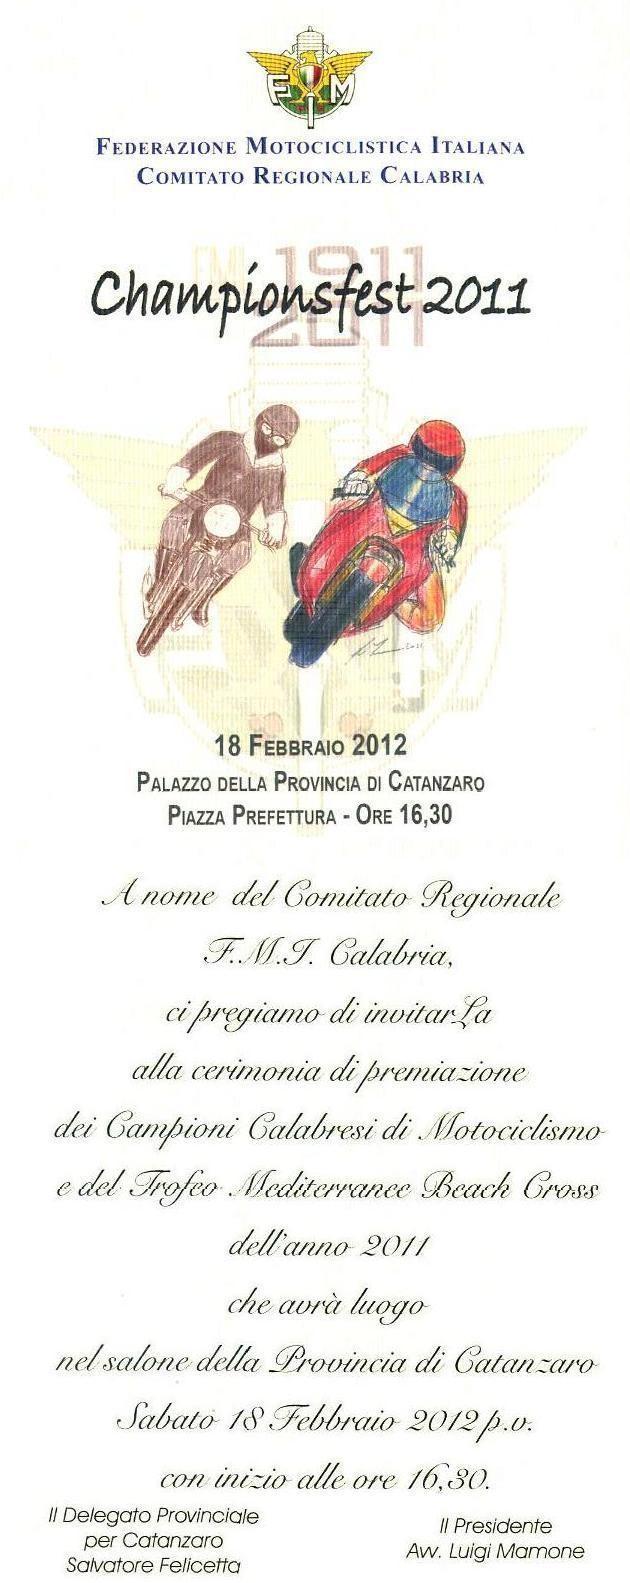 2011 premiazione motocross 18.02.2012